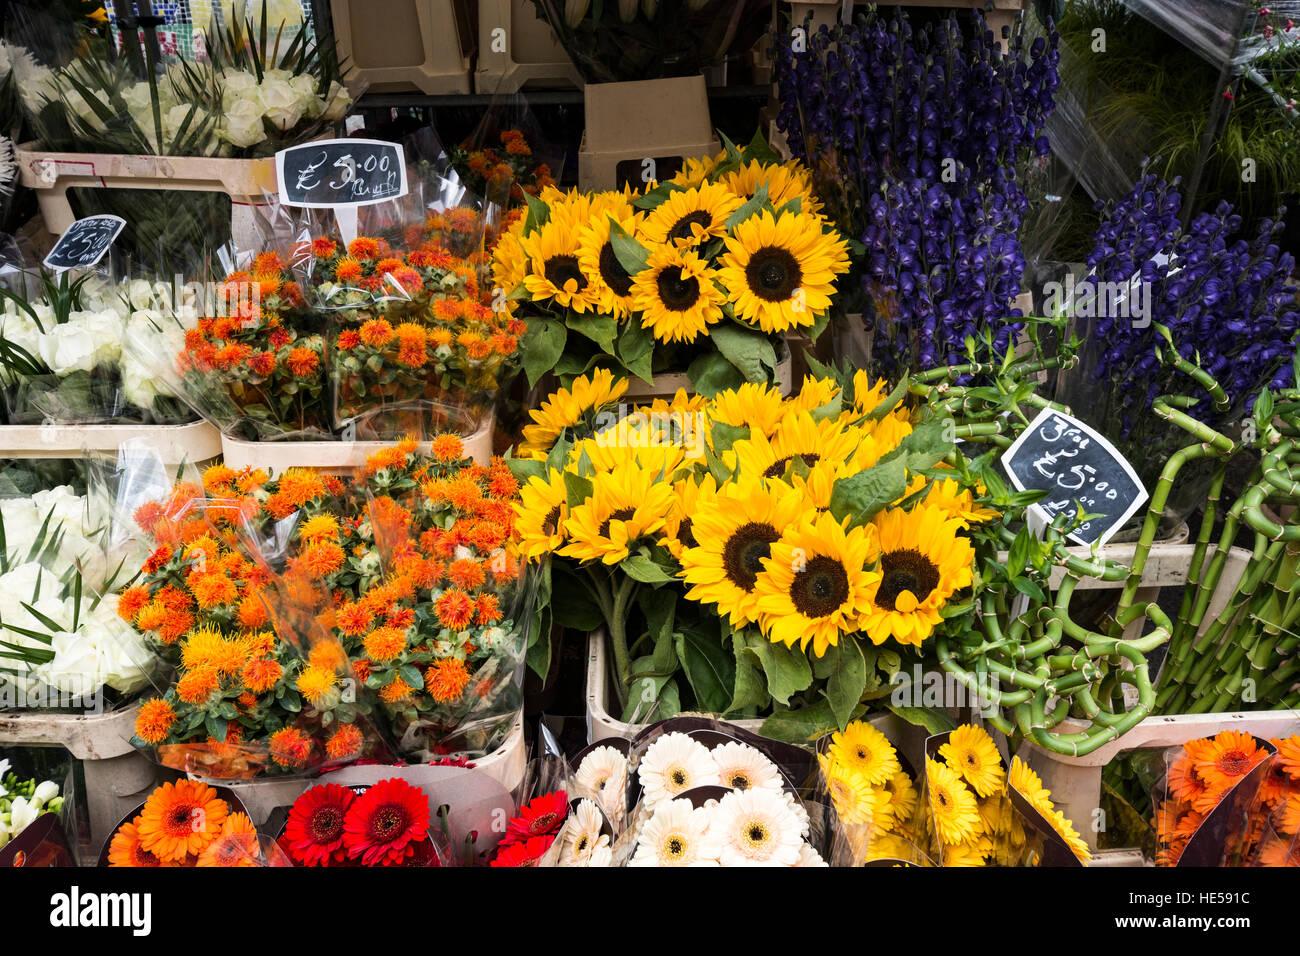 Bouquets de fleurs lumineuses à un décrochage du marché aux fleurs Photo Stock